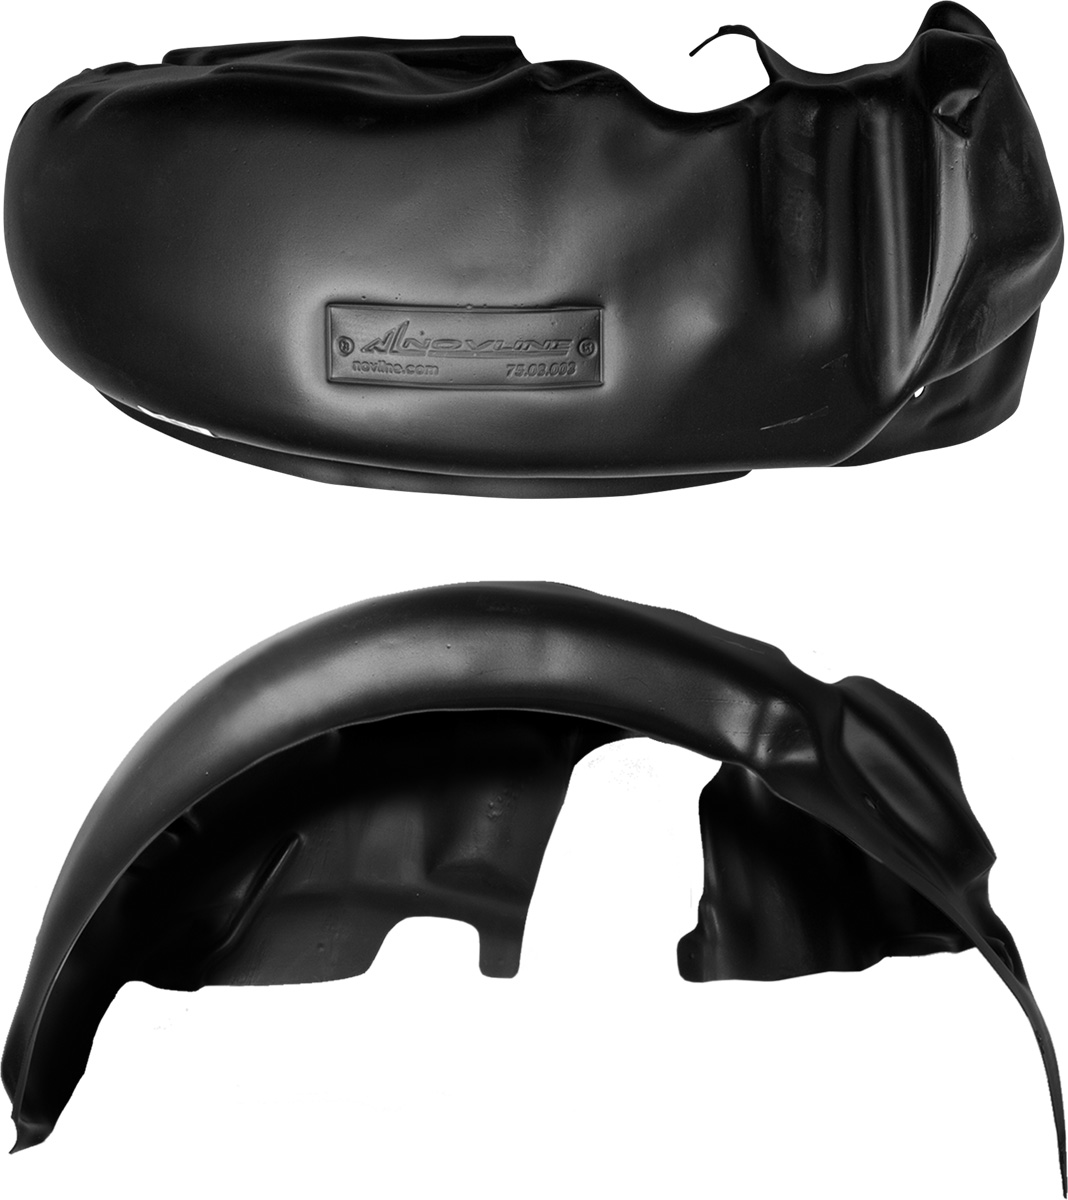 Подкрылок Novline-Autofamily, для Renault Sandero Stepway, 11/2014->, хэтчбек, задний правыйCA-3505Колесные ниши - одни из самых уязвимых зон днища вашего автомобиля. Они постоянно подвергаются воздействию со стороны дороги. Лучшая, почти абсолютная защита для них - специально отформованные пластиковые кожухи, которые называются подкрылками. Производятся они как для отечественных моделей автомобилей, так и для иномарок. Подкрылки Novline-Autofamily выполнены из высококачественного, экологически чистого пластика. Обеспечивают надежную защиту кузова автомобиля от пескоструйного эффекта и негативного влияния, агрессивных антигололедных реагентов. Пластик обладает более низкой теплопроводностью, чем металл, поэтому в зимний период эксплуатации использование пластиковых подкрылков позволяет лучше защитить колесные ниши от налипания снега и образования наледи. Оригинальность конструкции подчеркивает элегантность автомобиля, бережно защищает нанесенное на днище кузова антикоррозийное покрытие и позволяет осуществить крепление подкрылков внутри колесной арки практически без дополнительного крепежа и сверления, не нарушая при этом лакокрасочного покрытия, что предотвращает возникновение новых очагов коррозии. Подкрылки долговечны, обладают высокой прочностью и сохраняют заданную форму, а также все свои физико-механические характеристики в самых тяжелых климатических условиях (от -50°С до +50°С).Уважаемые клиенты!Обращаем ваше внимание, на тот факт, что подкрылок имеет форму, соответствующую модели данного автомобиля. Фото служит для визуального восприятия товара.